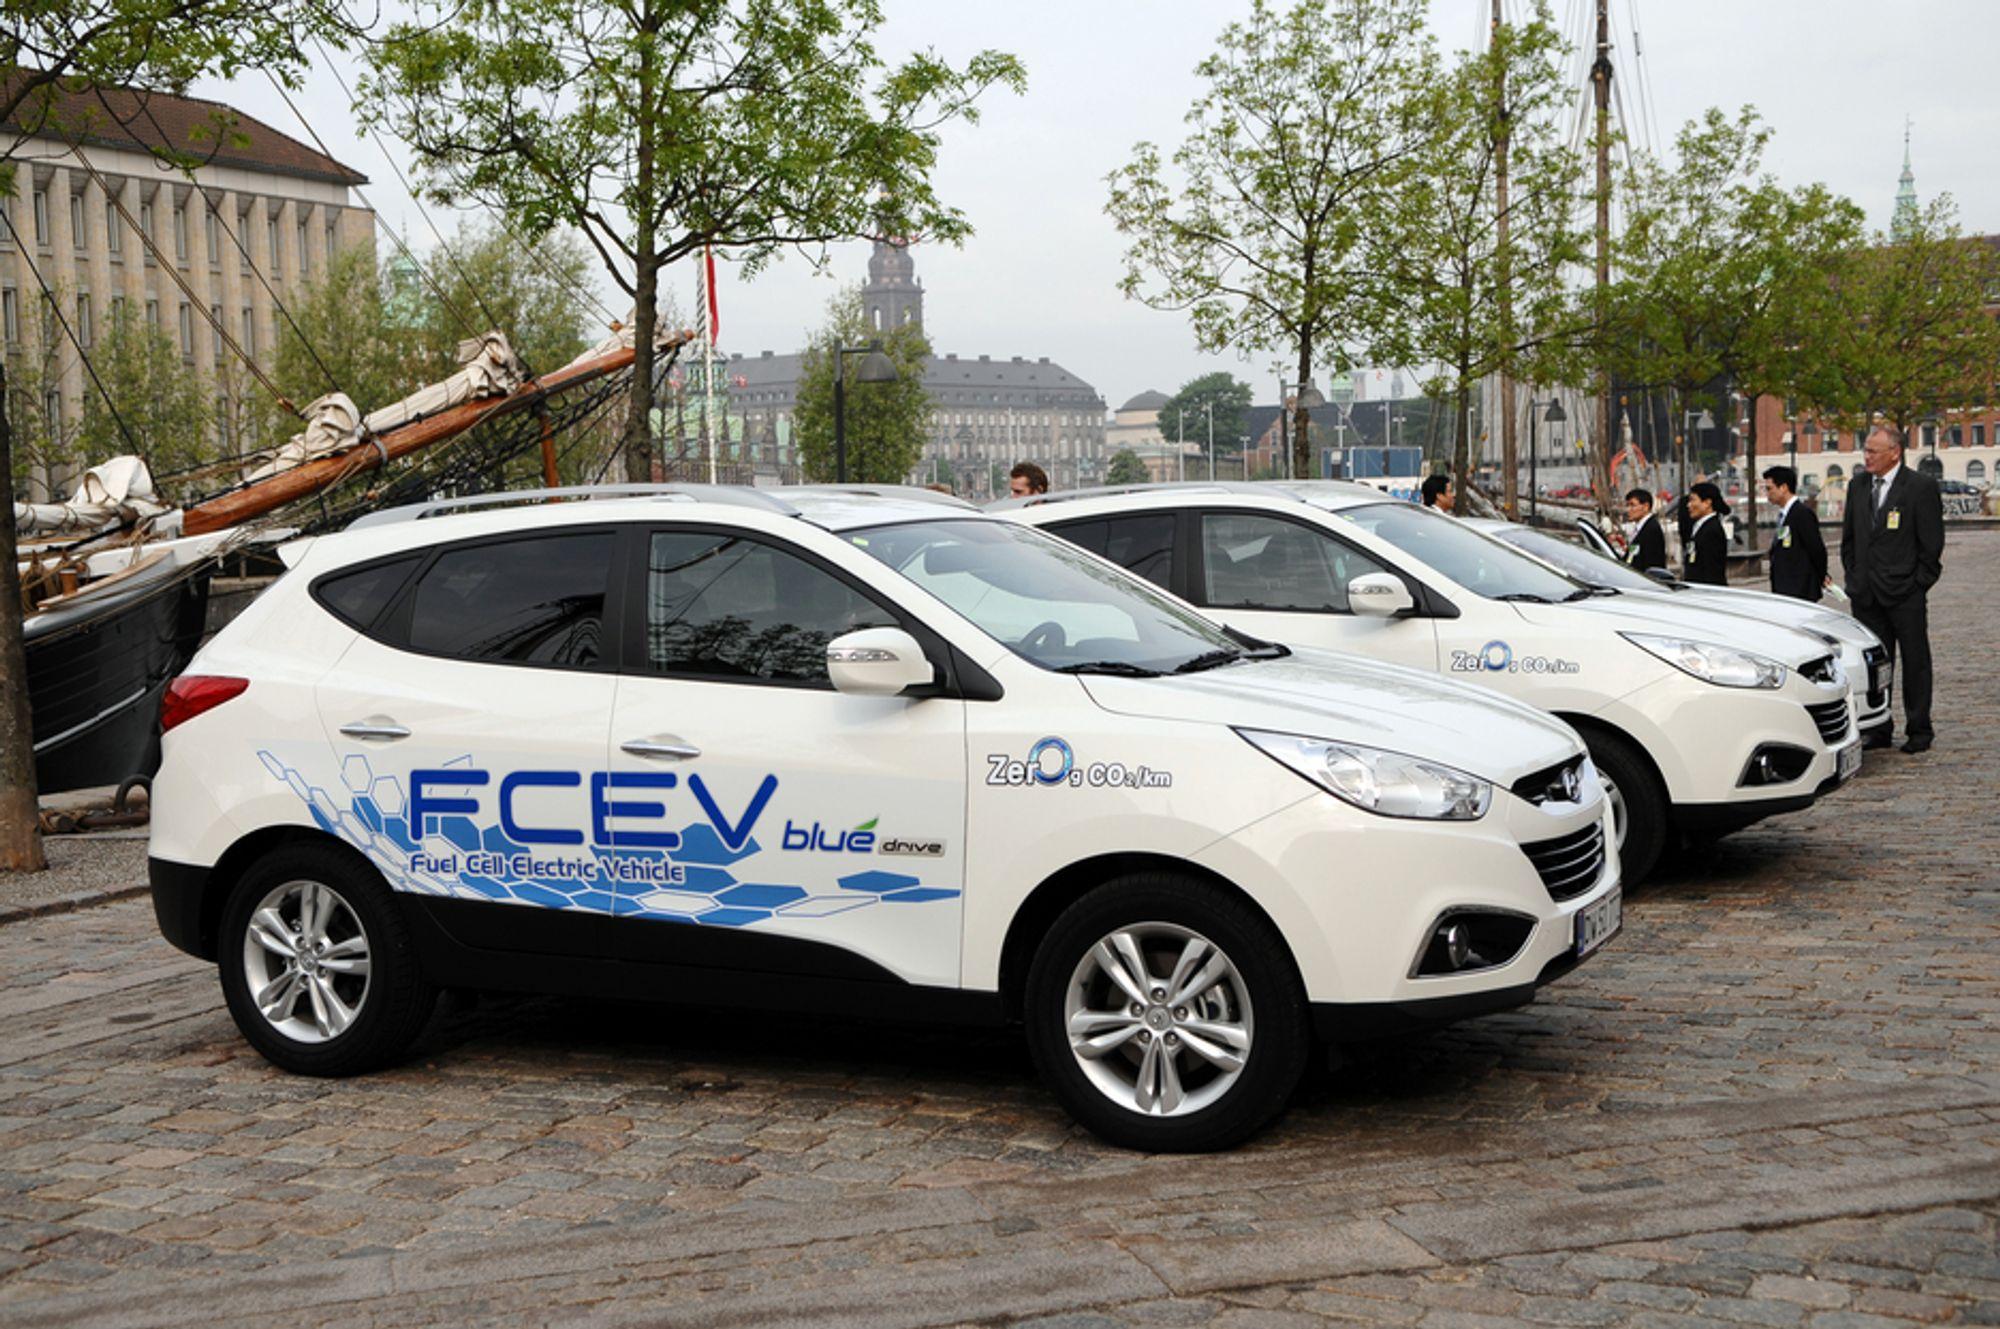 HYDROGEN: Fem av forskningsprosjektene dreier seg om hydrogen og brenselceller. Her en Hyundai Kia som går på hydrogen.